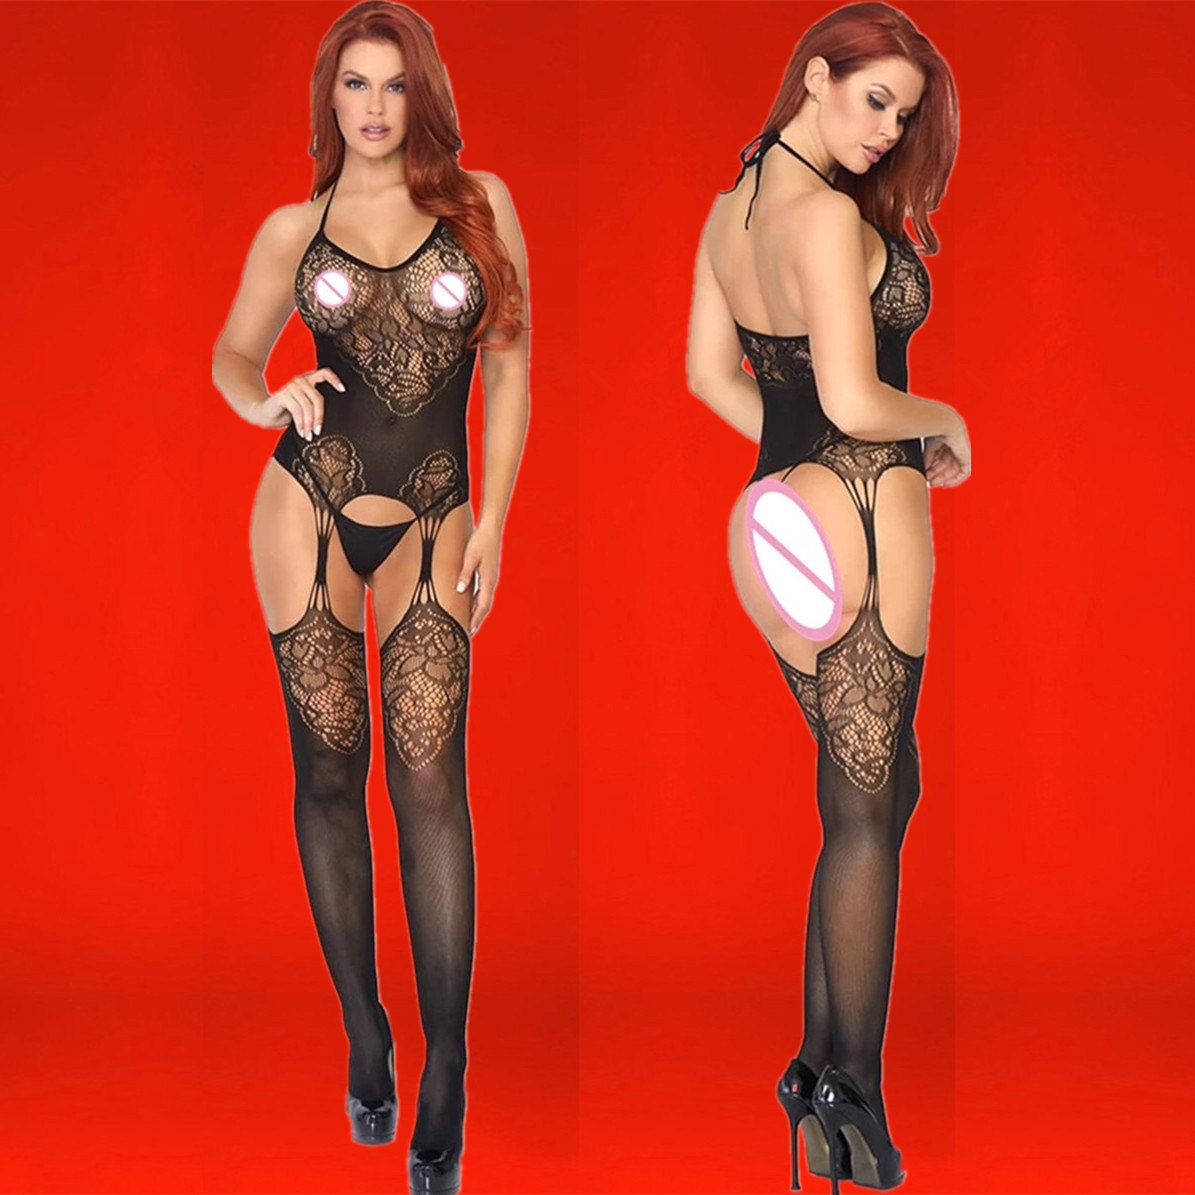 Черный, сексуальное дамское белье, сетка для волос вязаная перфорированный тепловой нижнее белье в сеточку, костюм кошки, нижнее белье в сет...